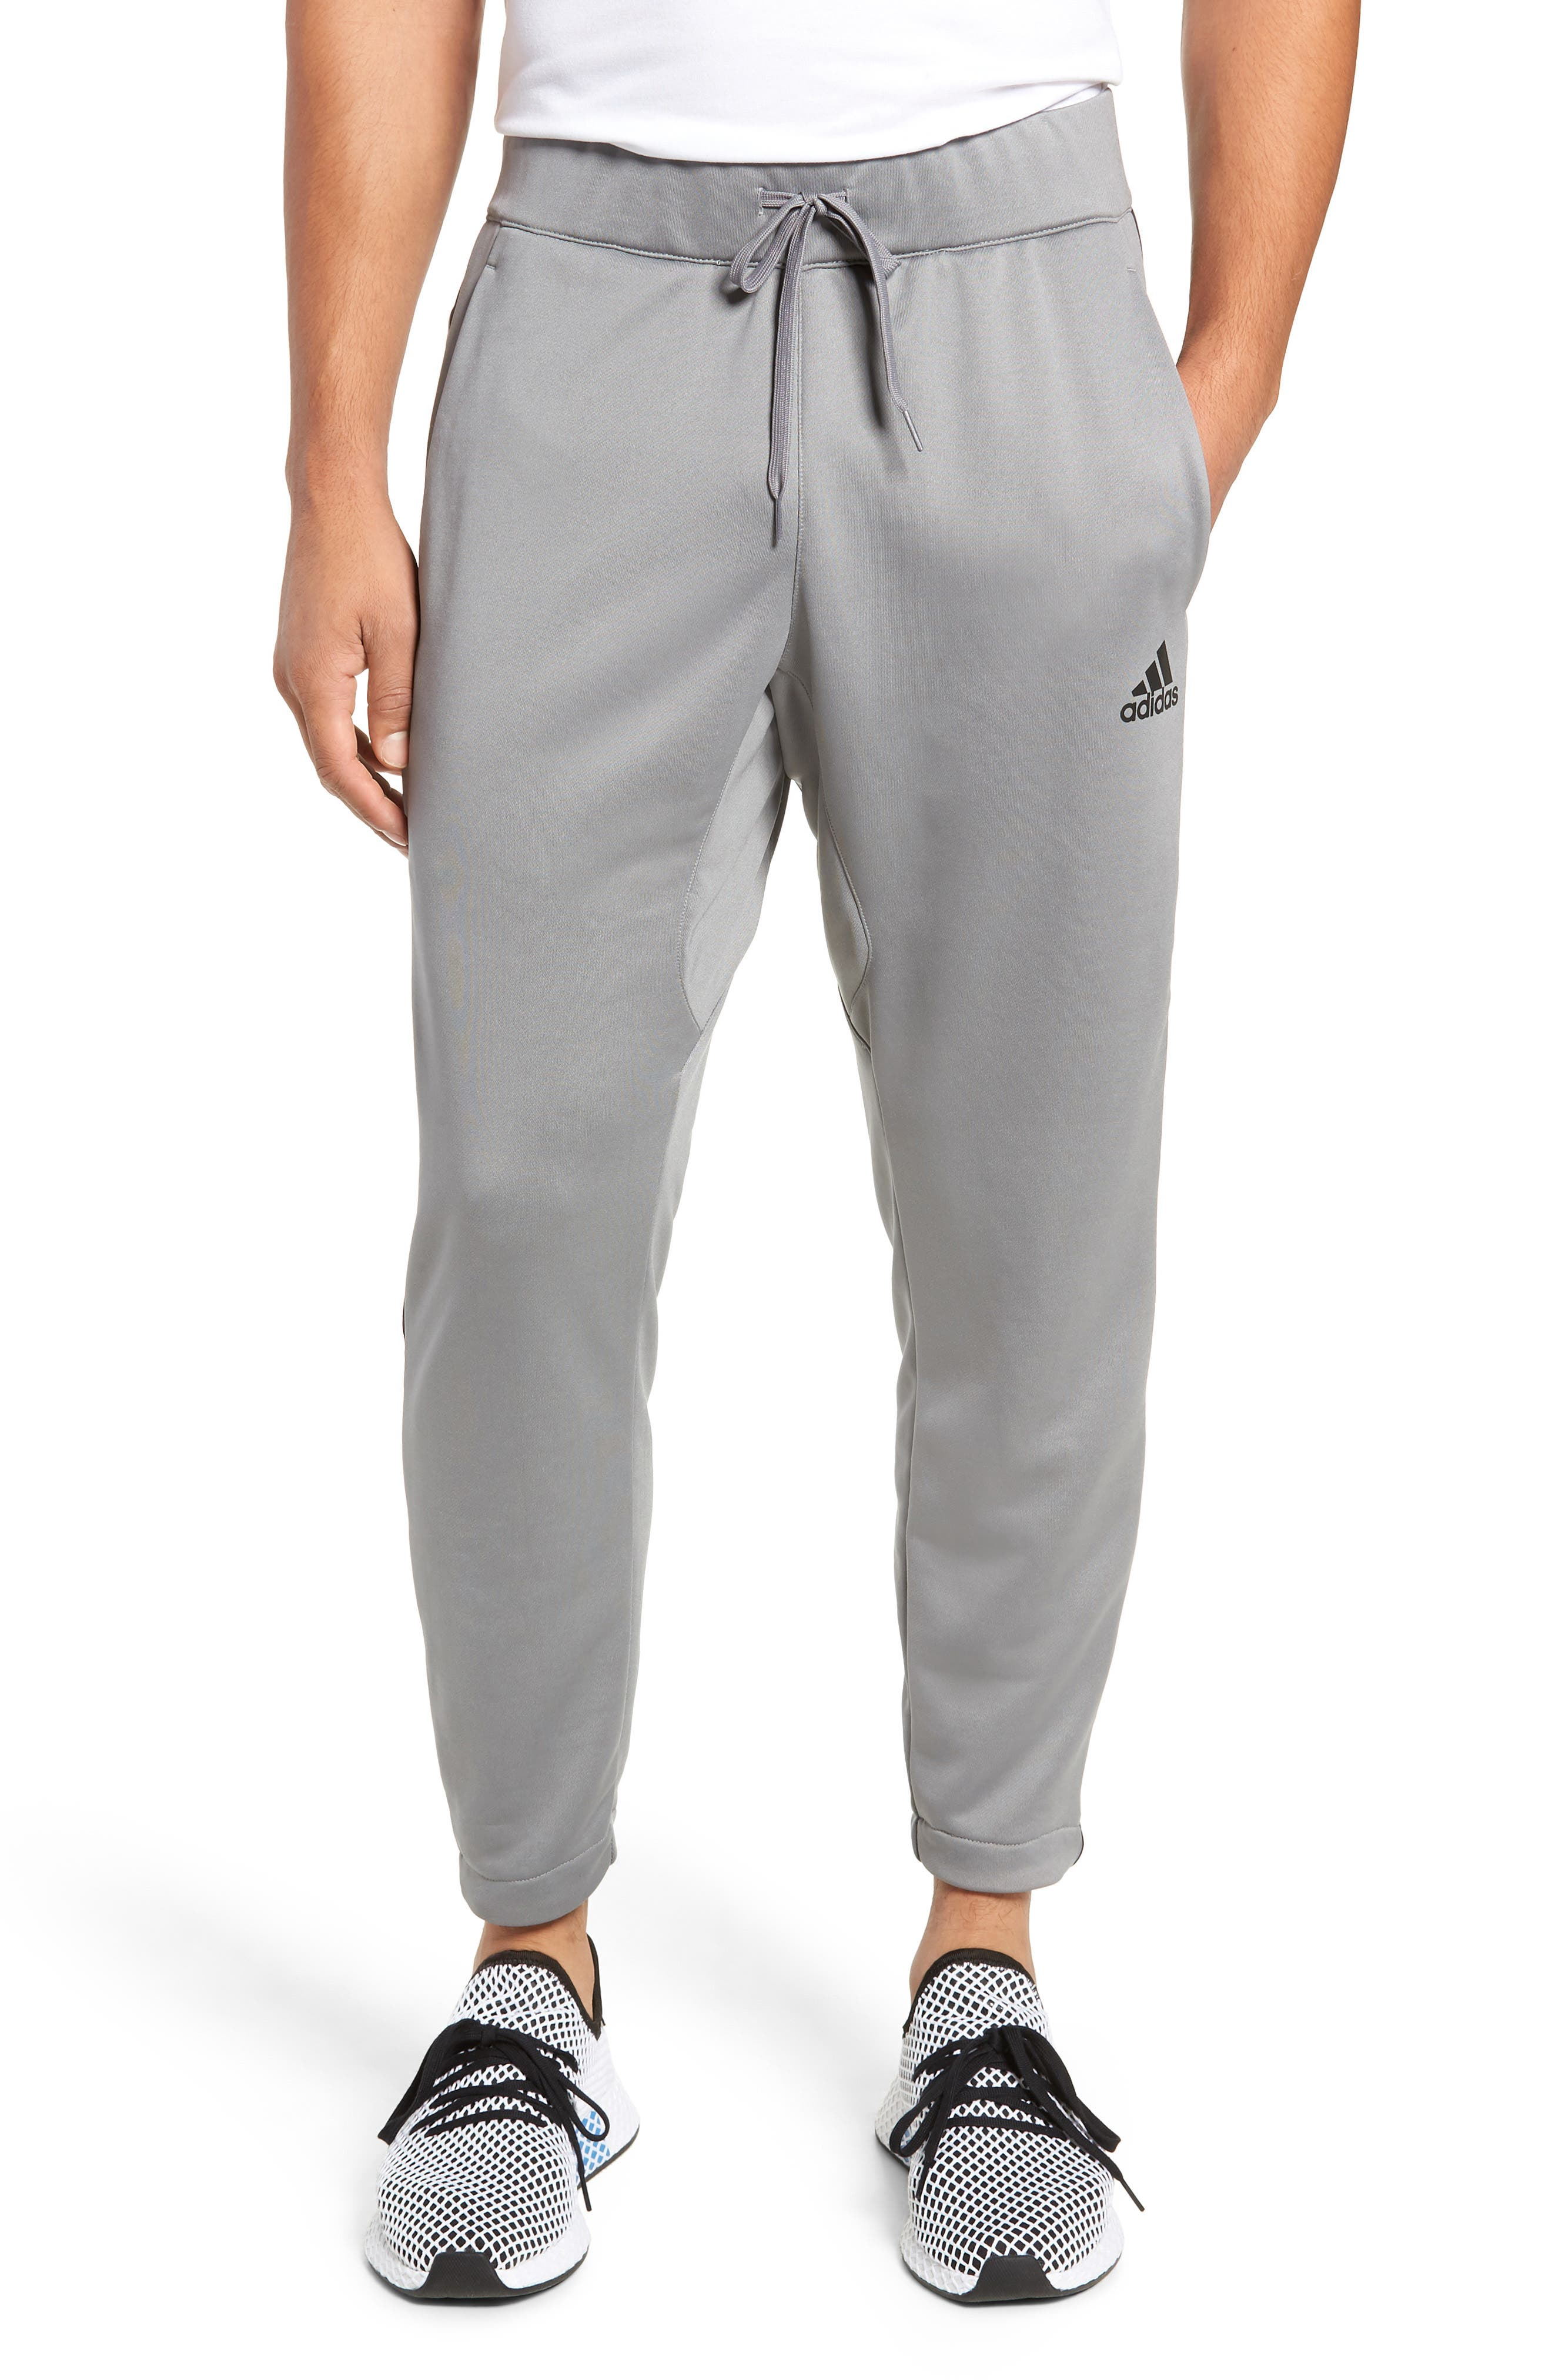 Adidas Pro Madness Climalite Sweatpants